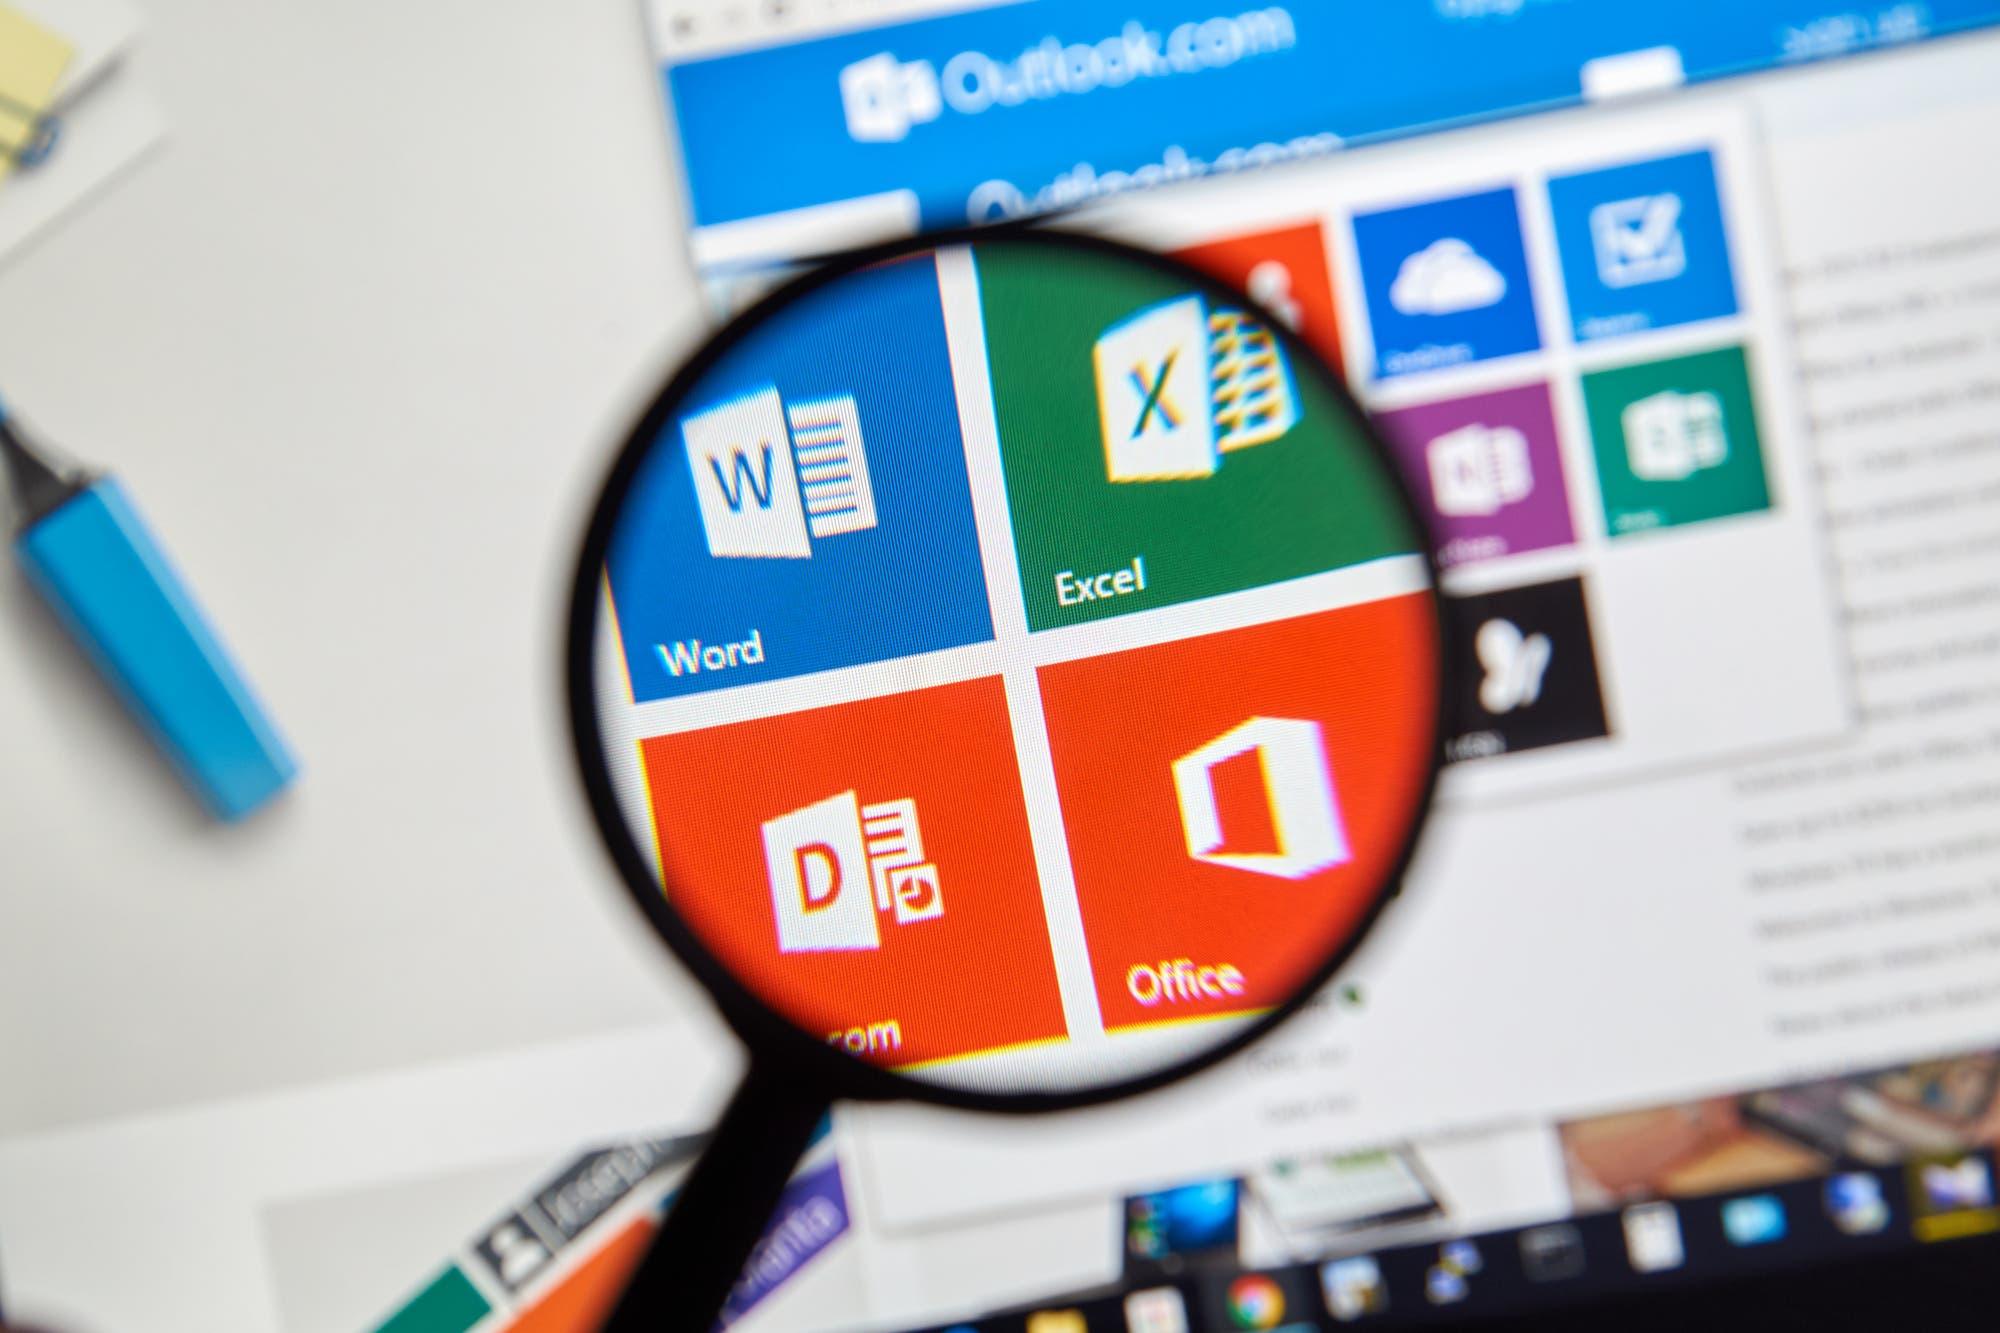 Microsoft 365: así se llama el nuevo servicio por suscripción de Office con funciones avanzadas